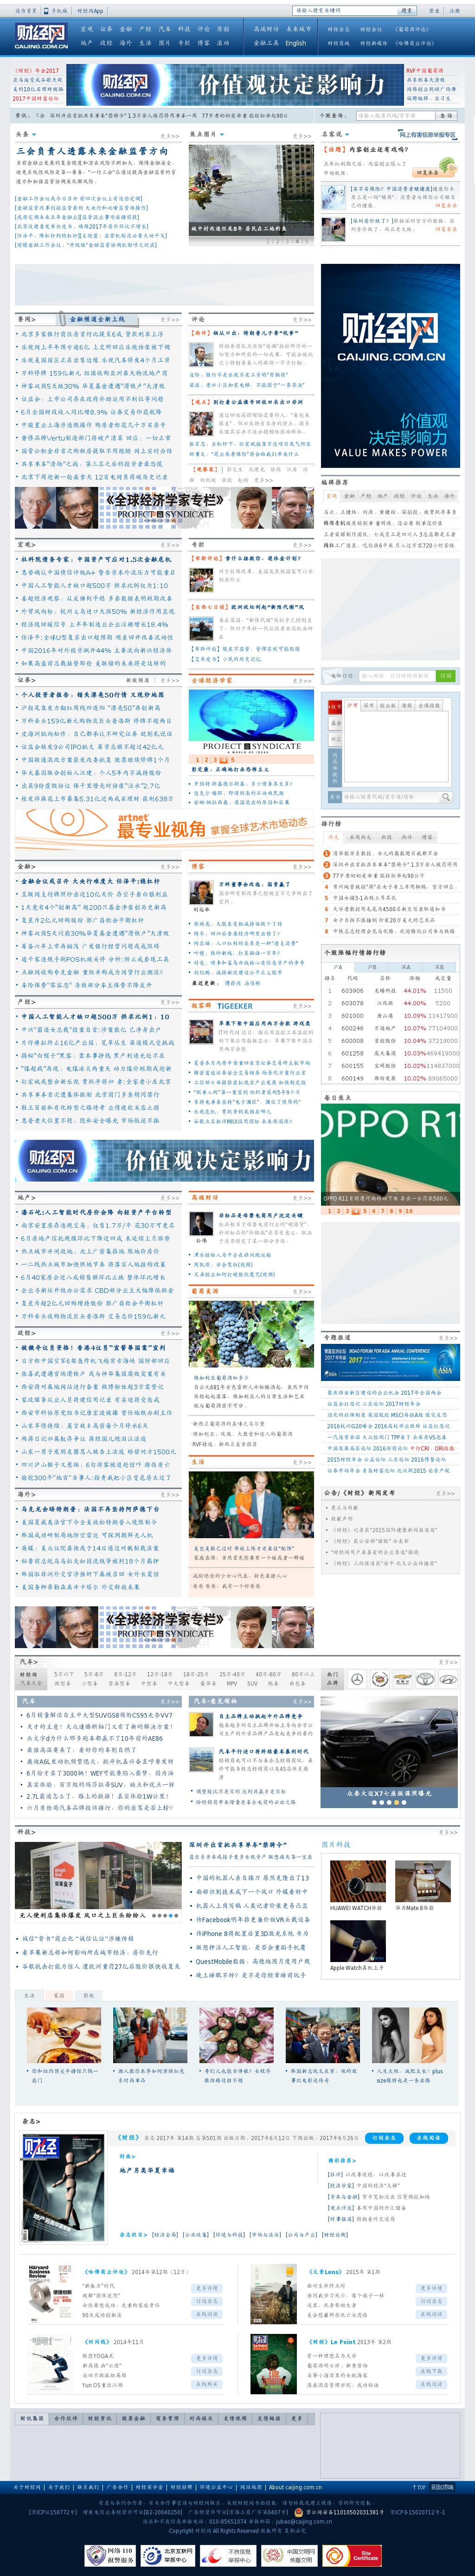 Caijing at Saturday July 15, 2017, 5:01 p.m. UTC